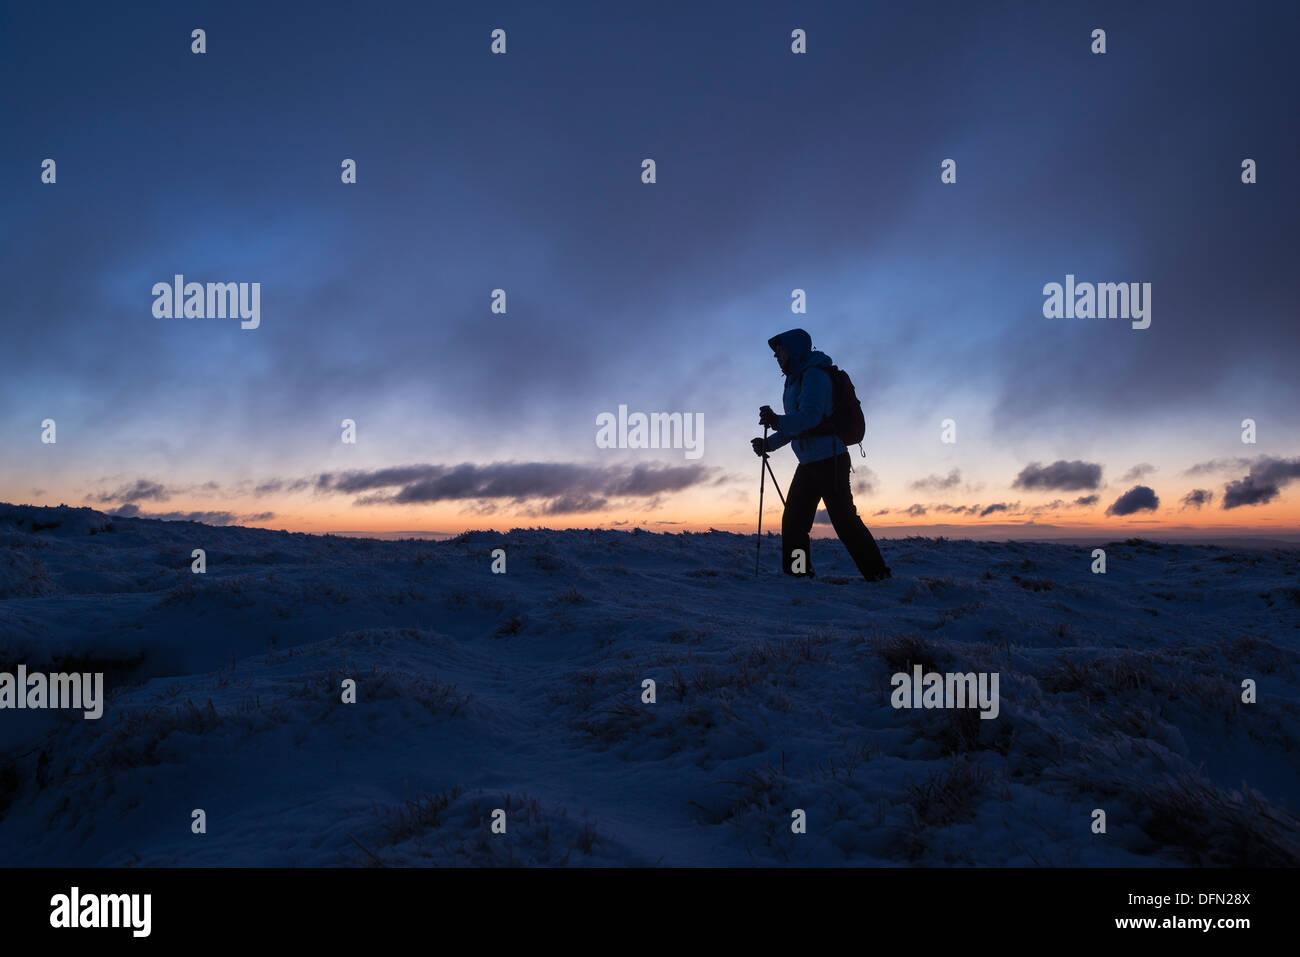 Silhouette der Wanderer auf winterlichen Gipfel des Mais Du im Morgengrauen, Brecon Beacons National Park, Wales Stockbild